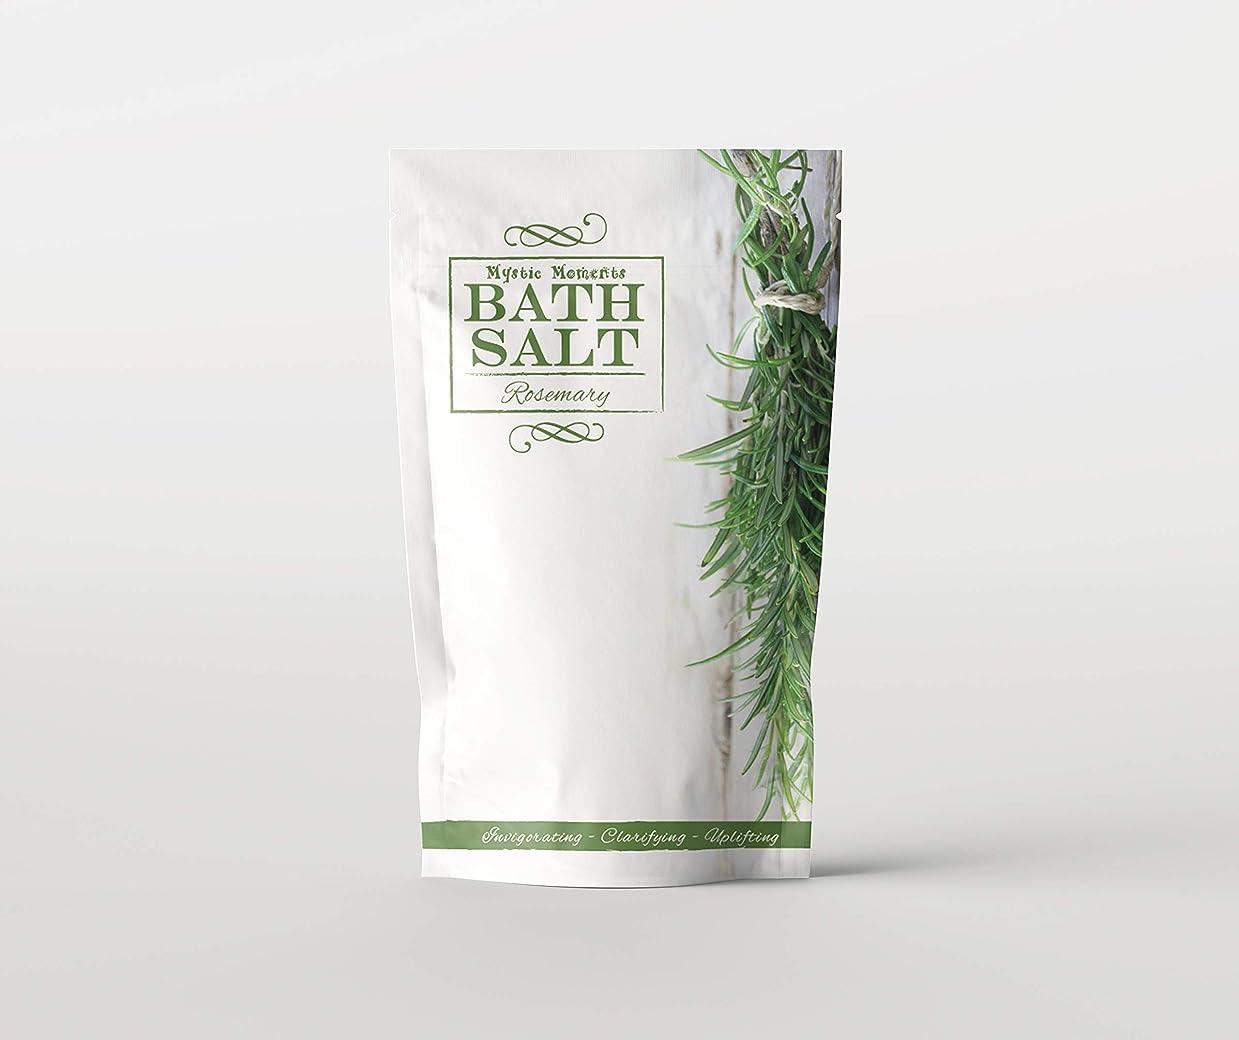 司書頭痛パプアニューギニアBath Salt - Rosemary - 5Kg